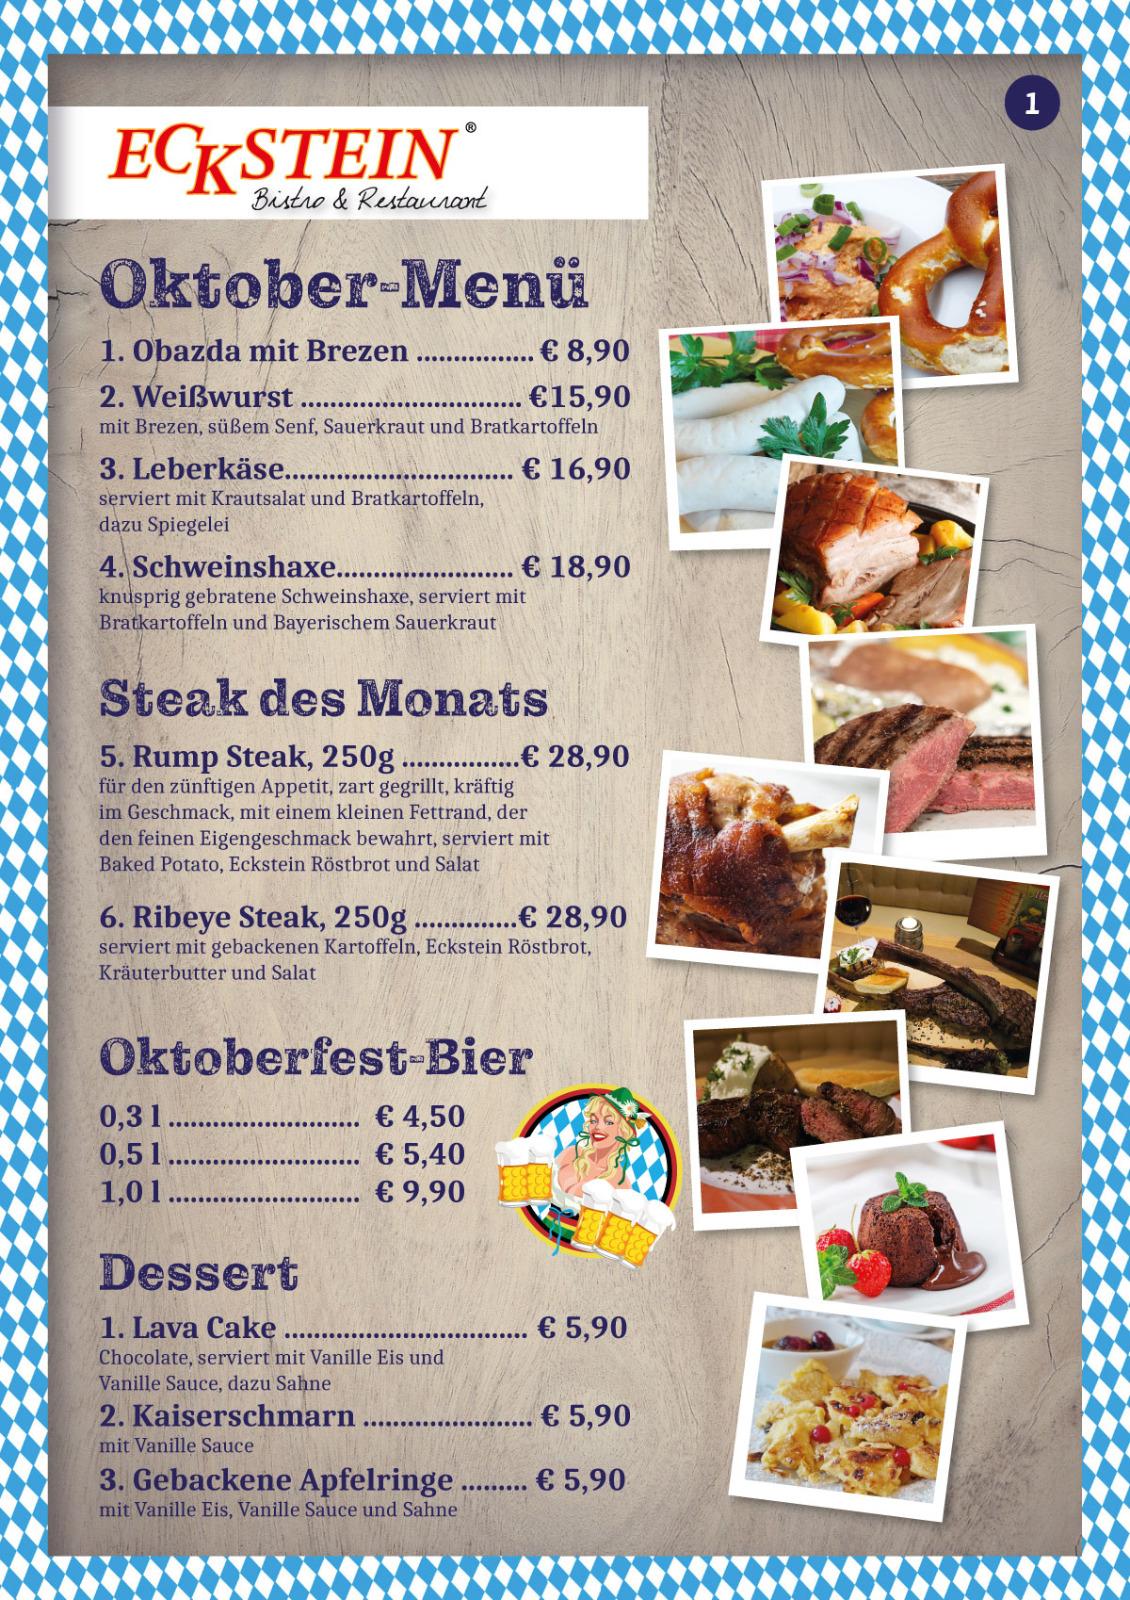 eckstein-restaurant-eimsbüttel.de-Oktober-Aktionen-Seite-1